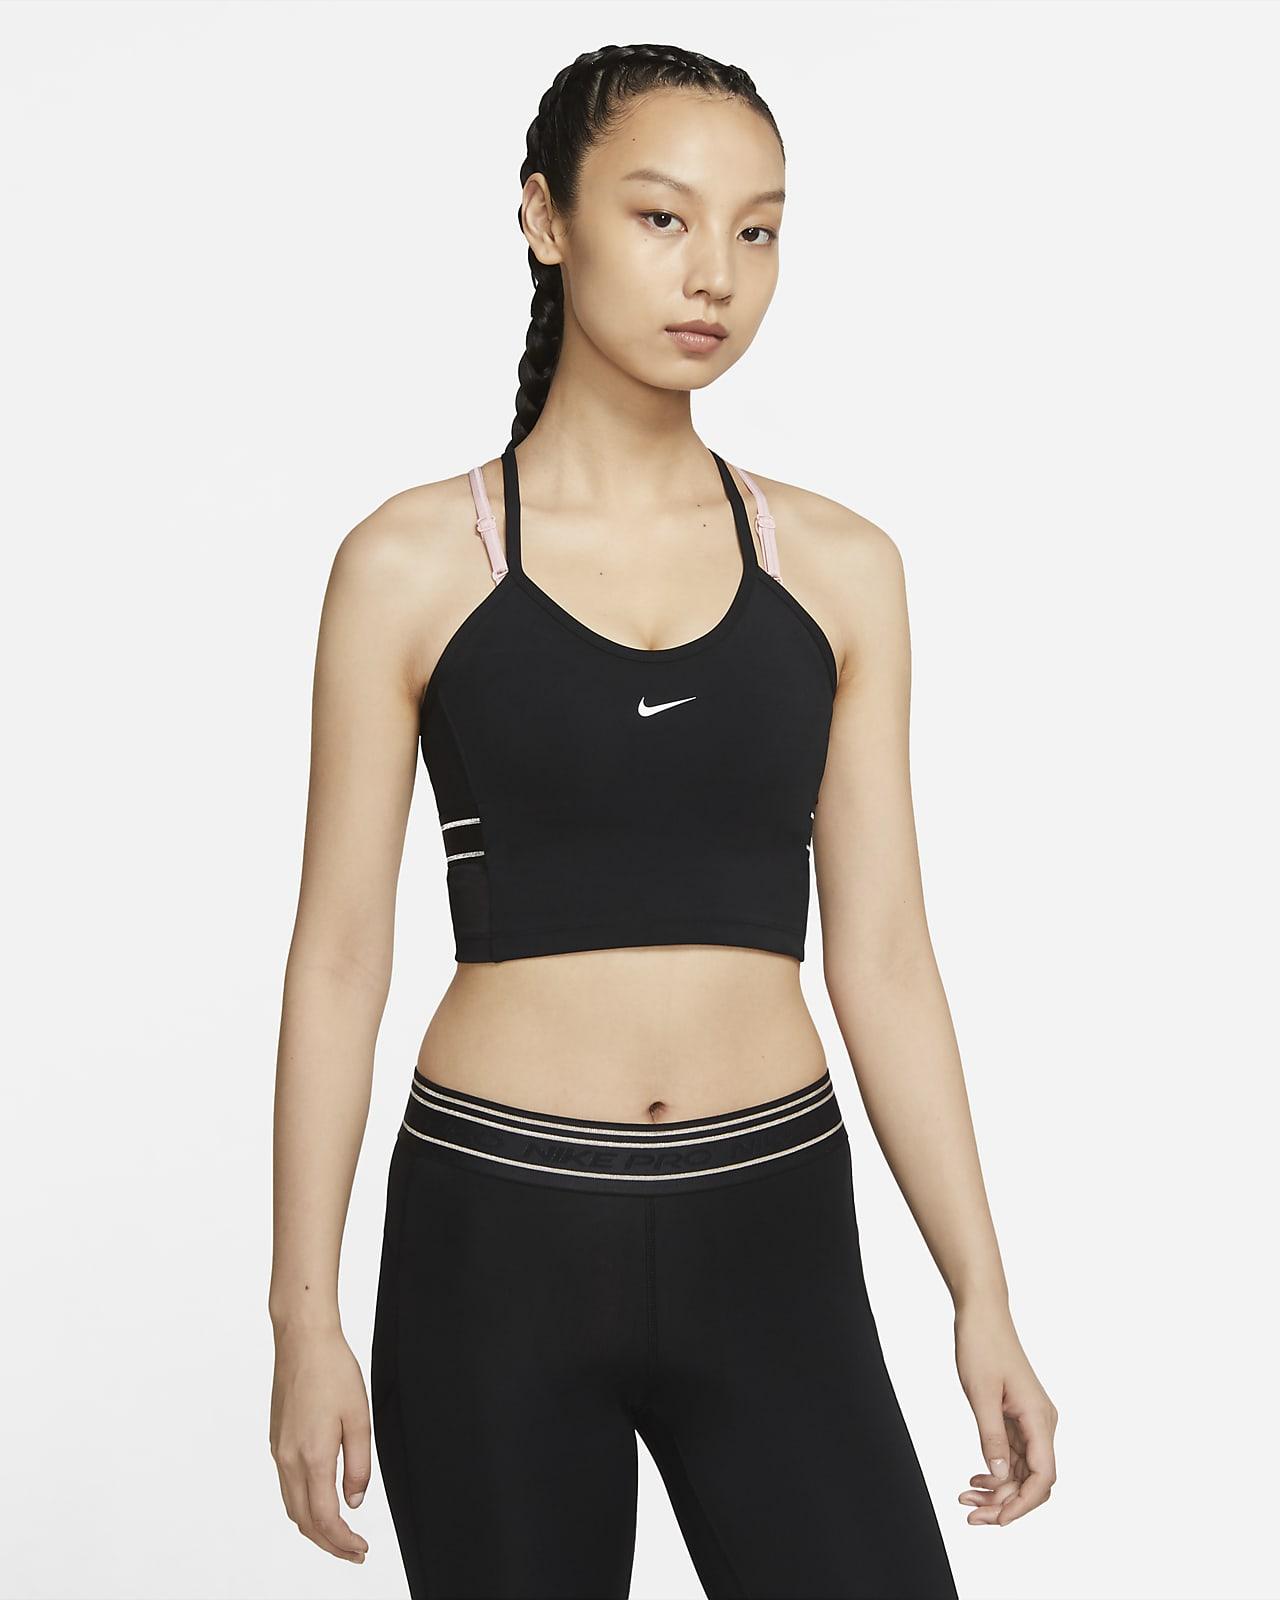 Camiseta de tirantes con bra corta para mujer Nike Pro Dri-FIT